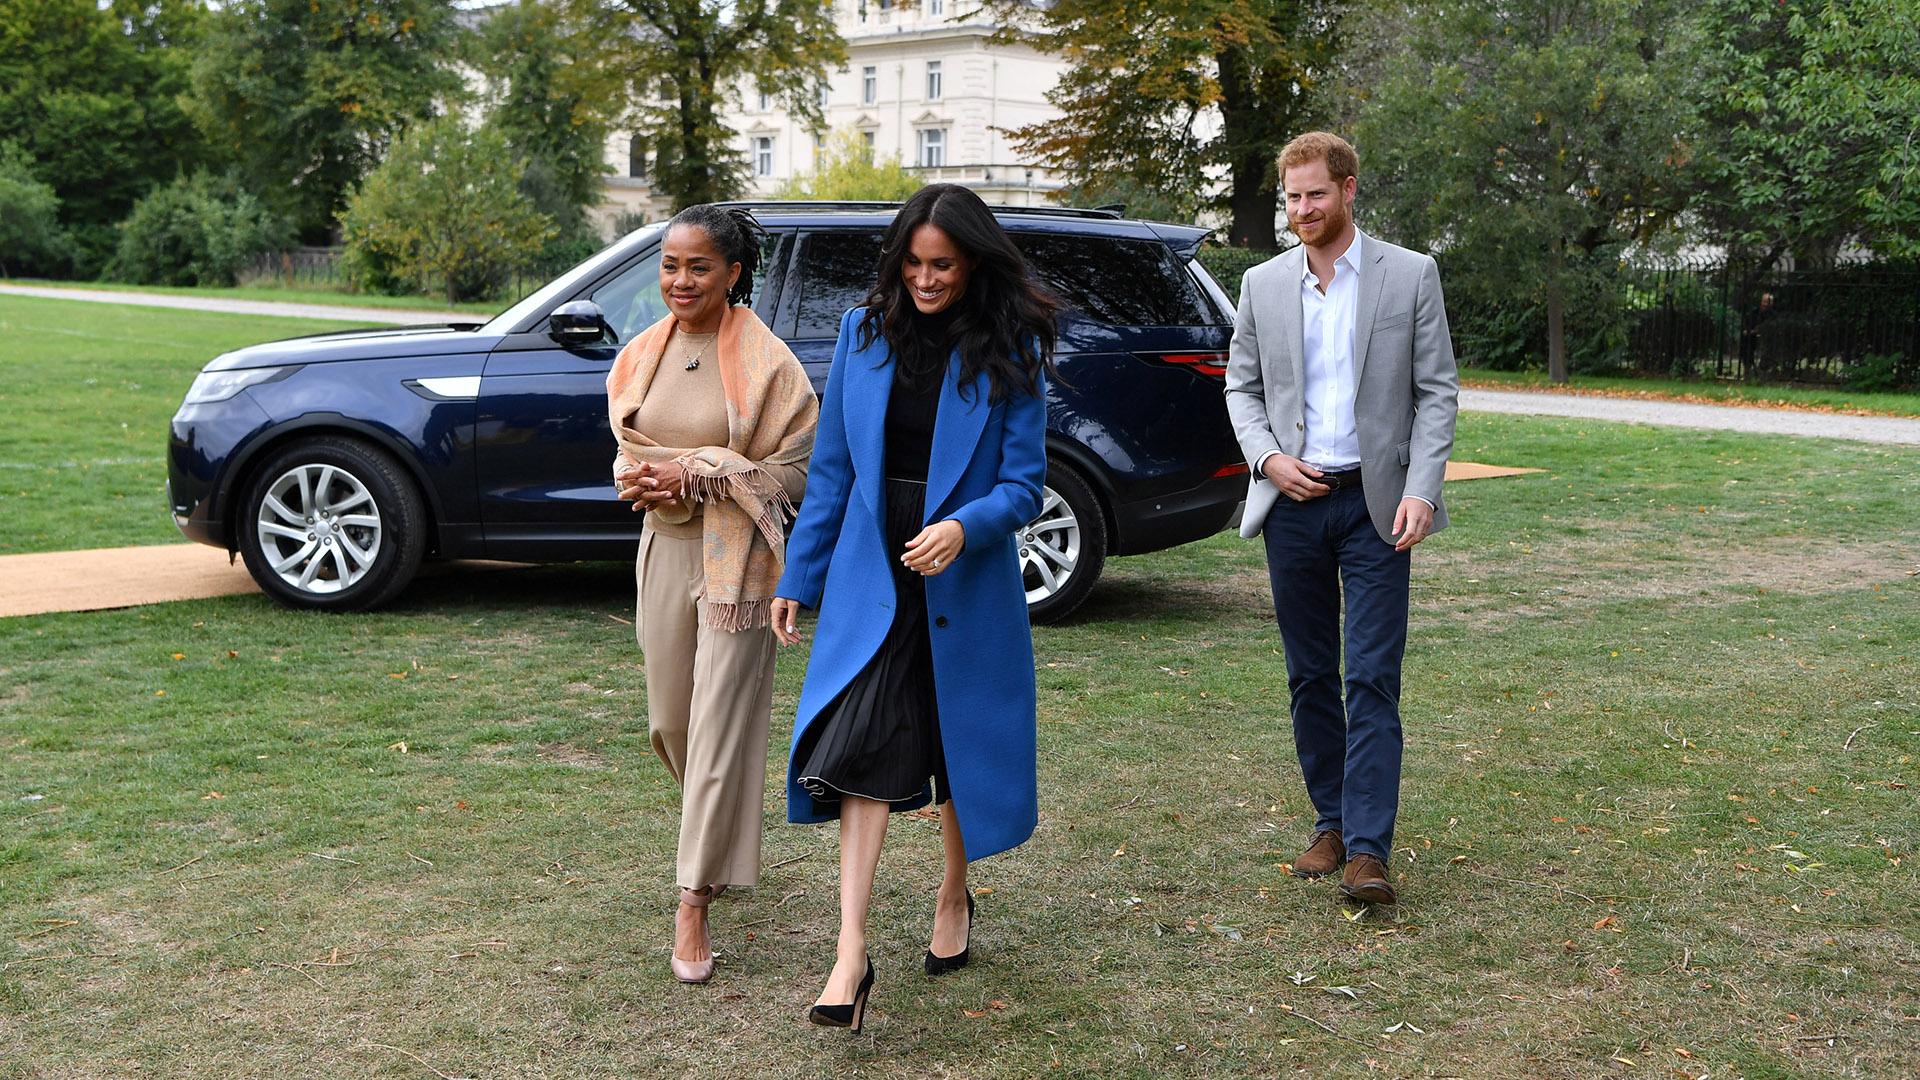 La duquesa de Sussex llegó acompañada por su madre, Doria Ragland, y su marido, el príncipe Harry